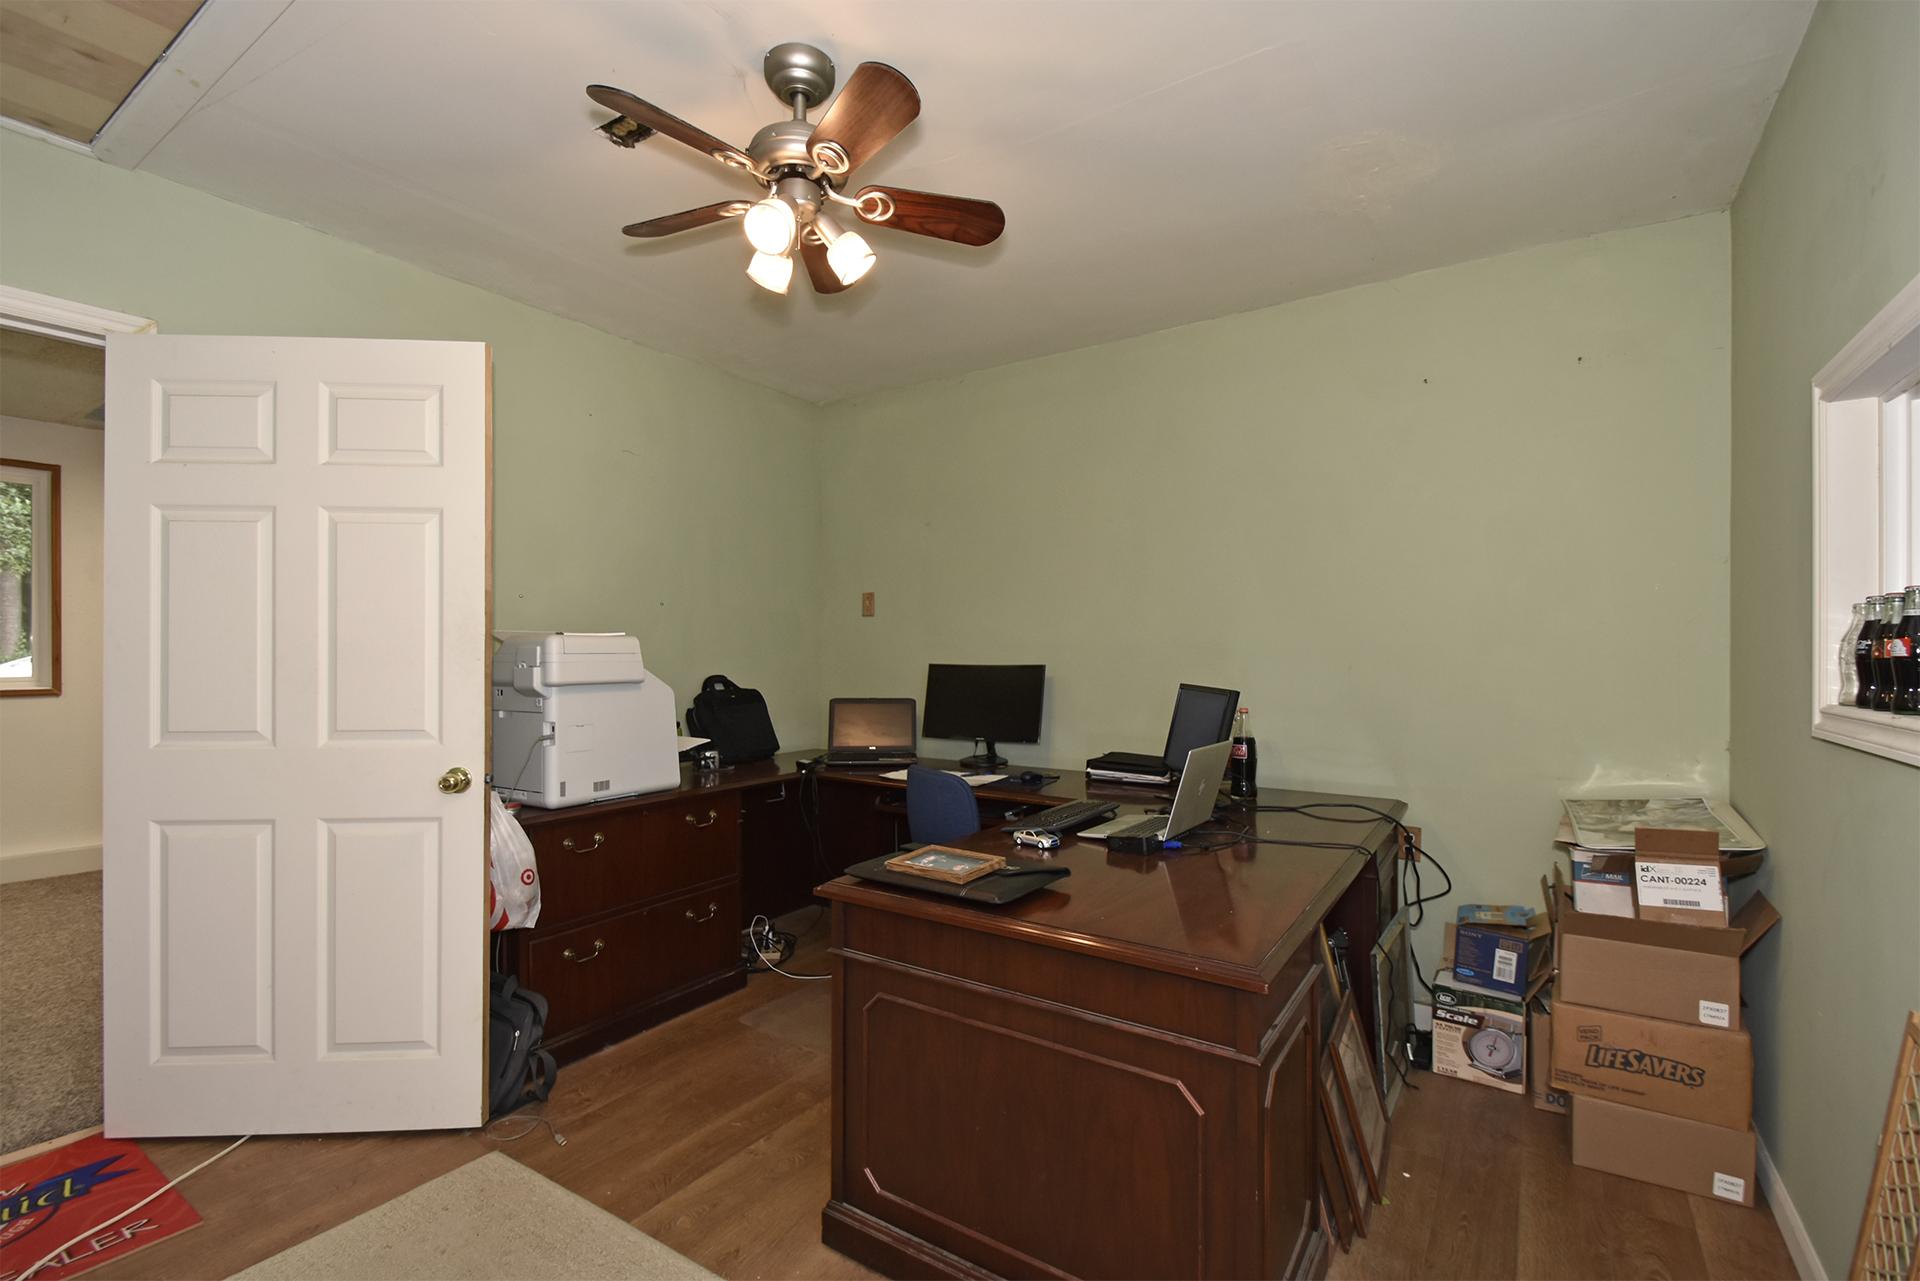 Den/Office/Bedroom - 11618 211th Ave E